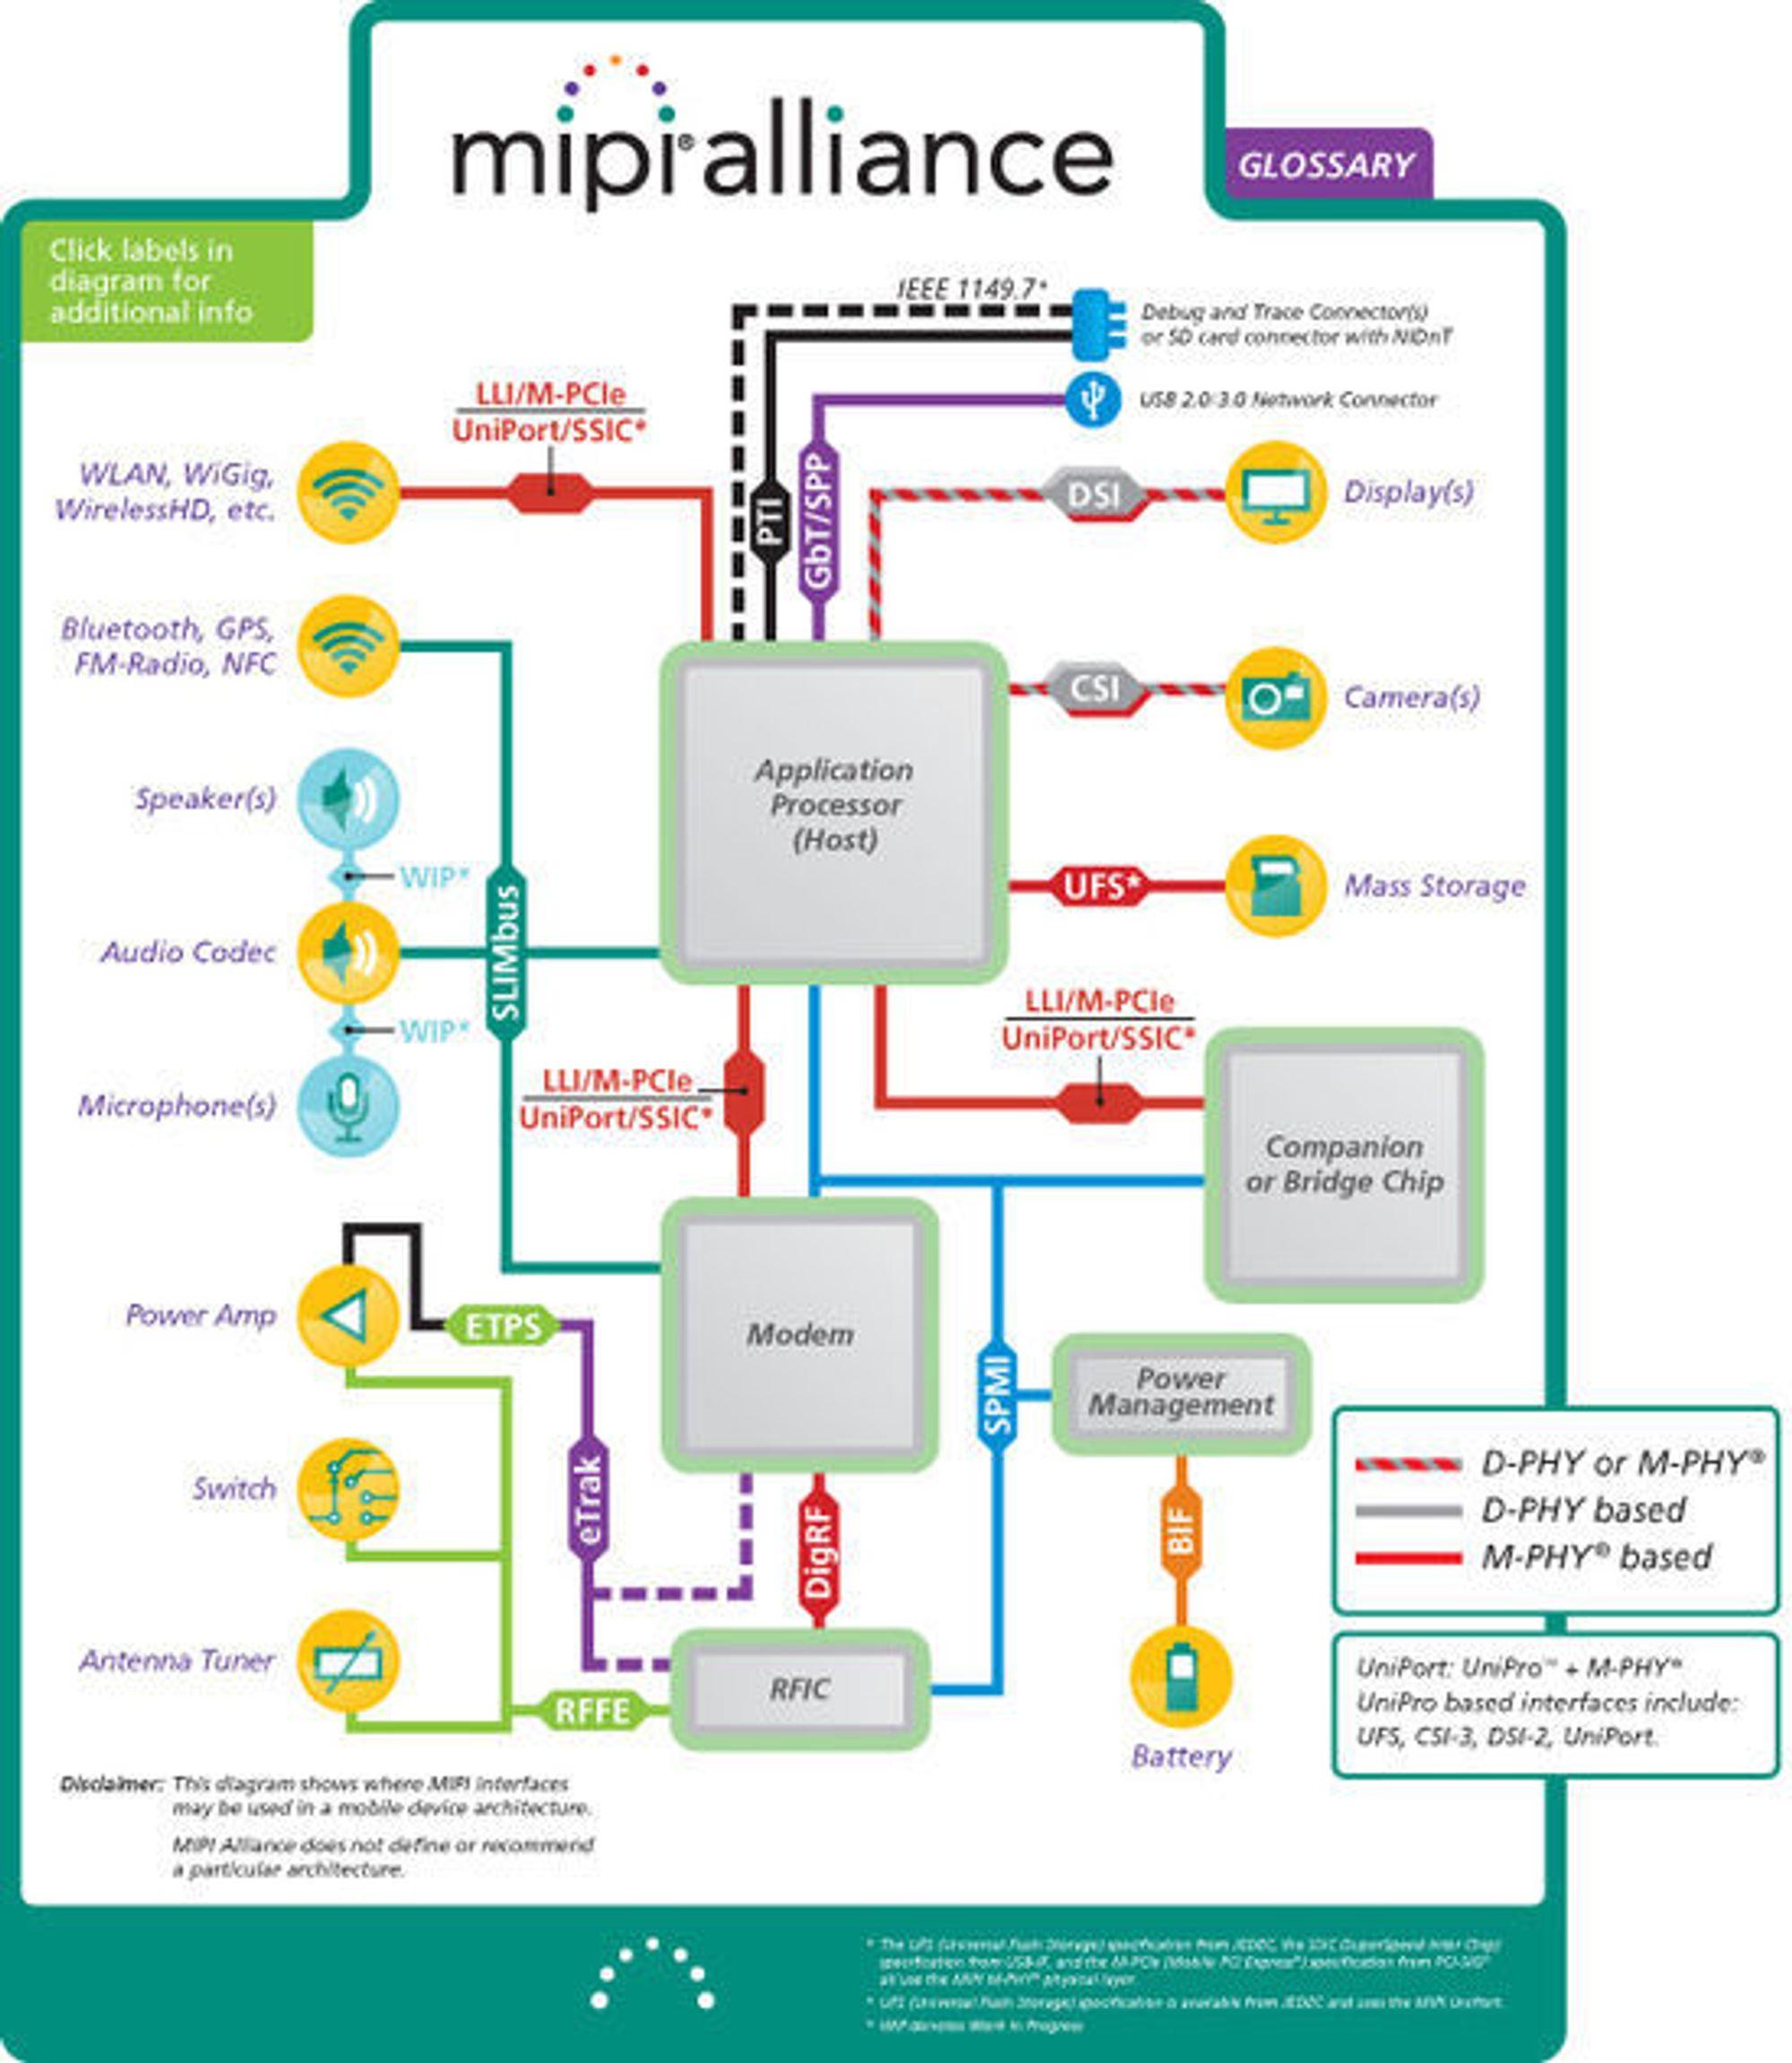 Eksempler på hvor grensesnittene spesifisert av MIPI Alliance kan brukes i en mobil enhet.